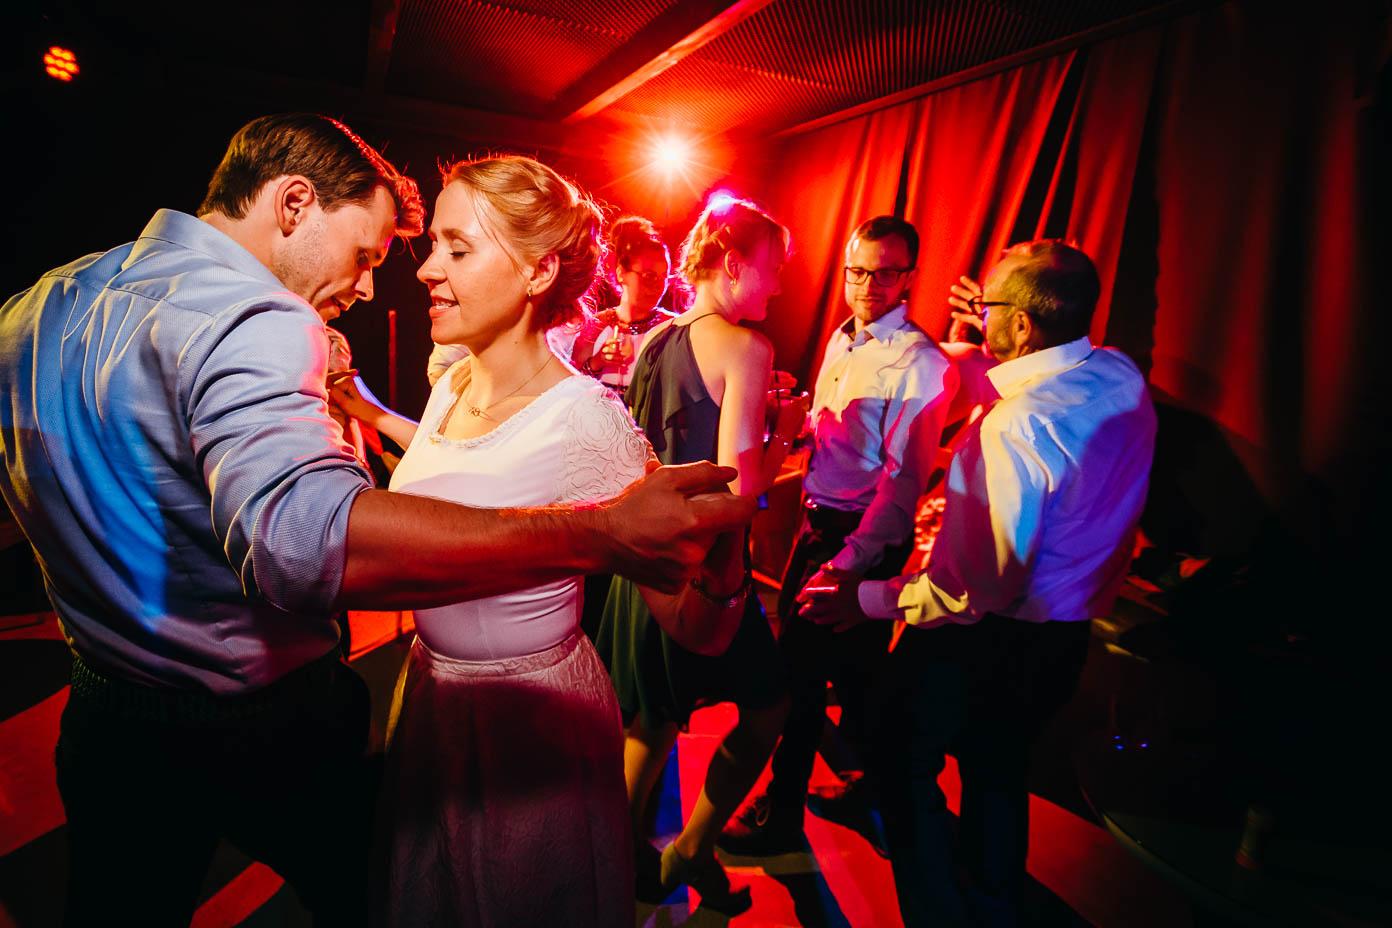 Die Braut tanzt mit ihrem Bruder.